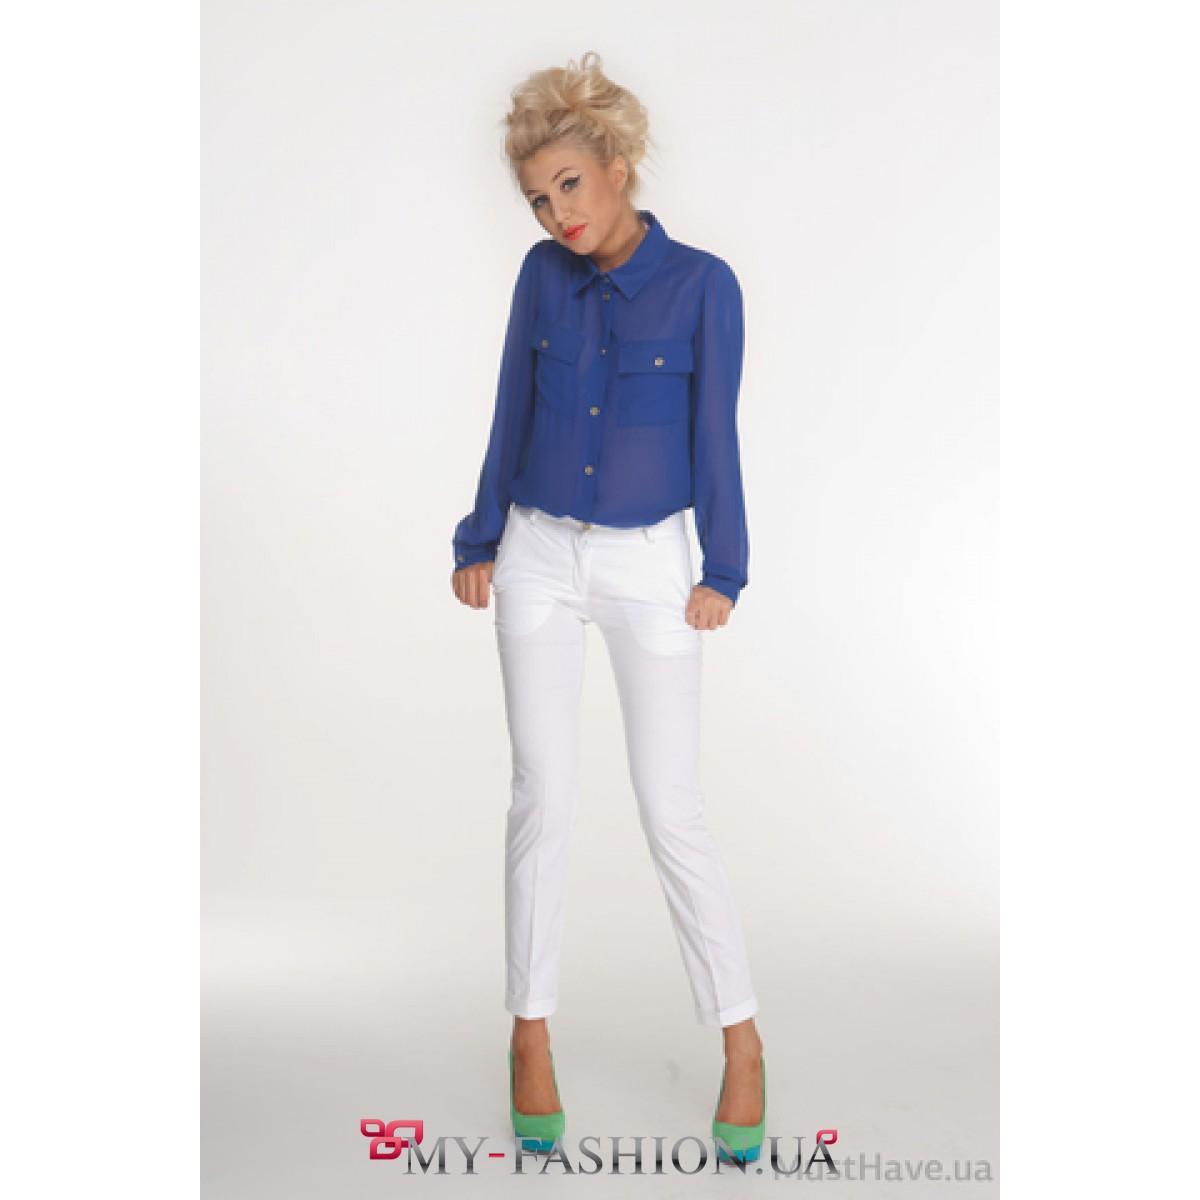 Белые брюки женские доставка